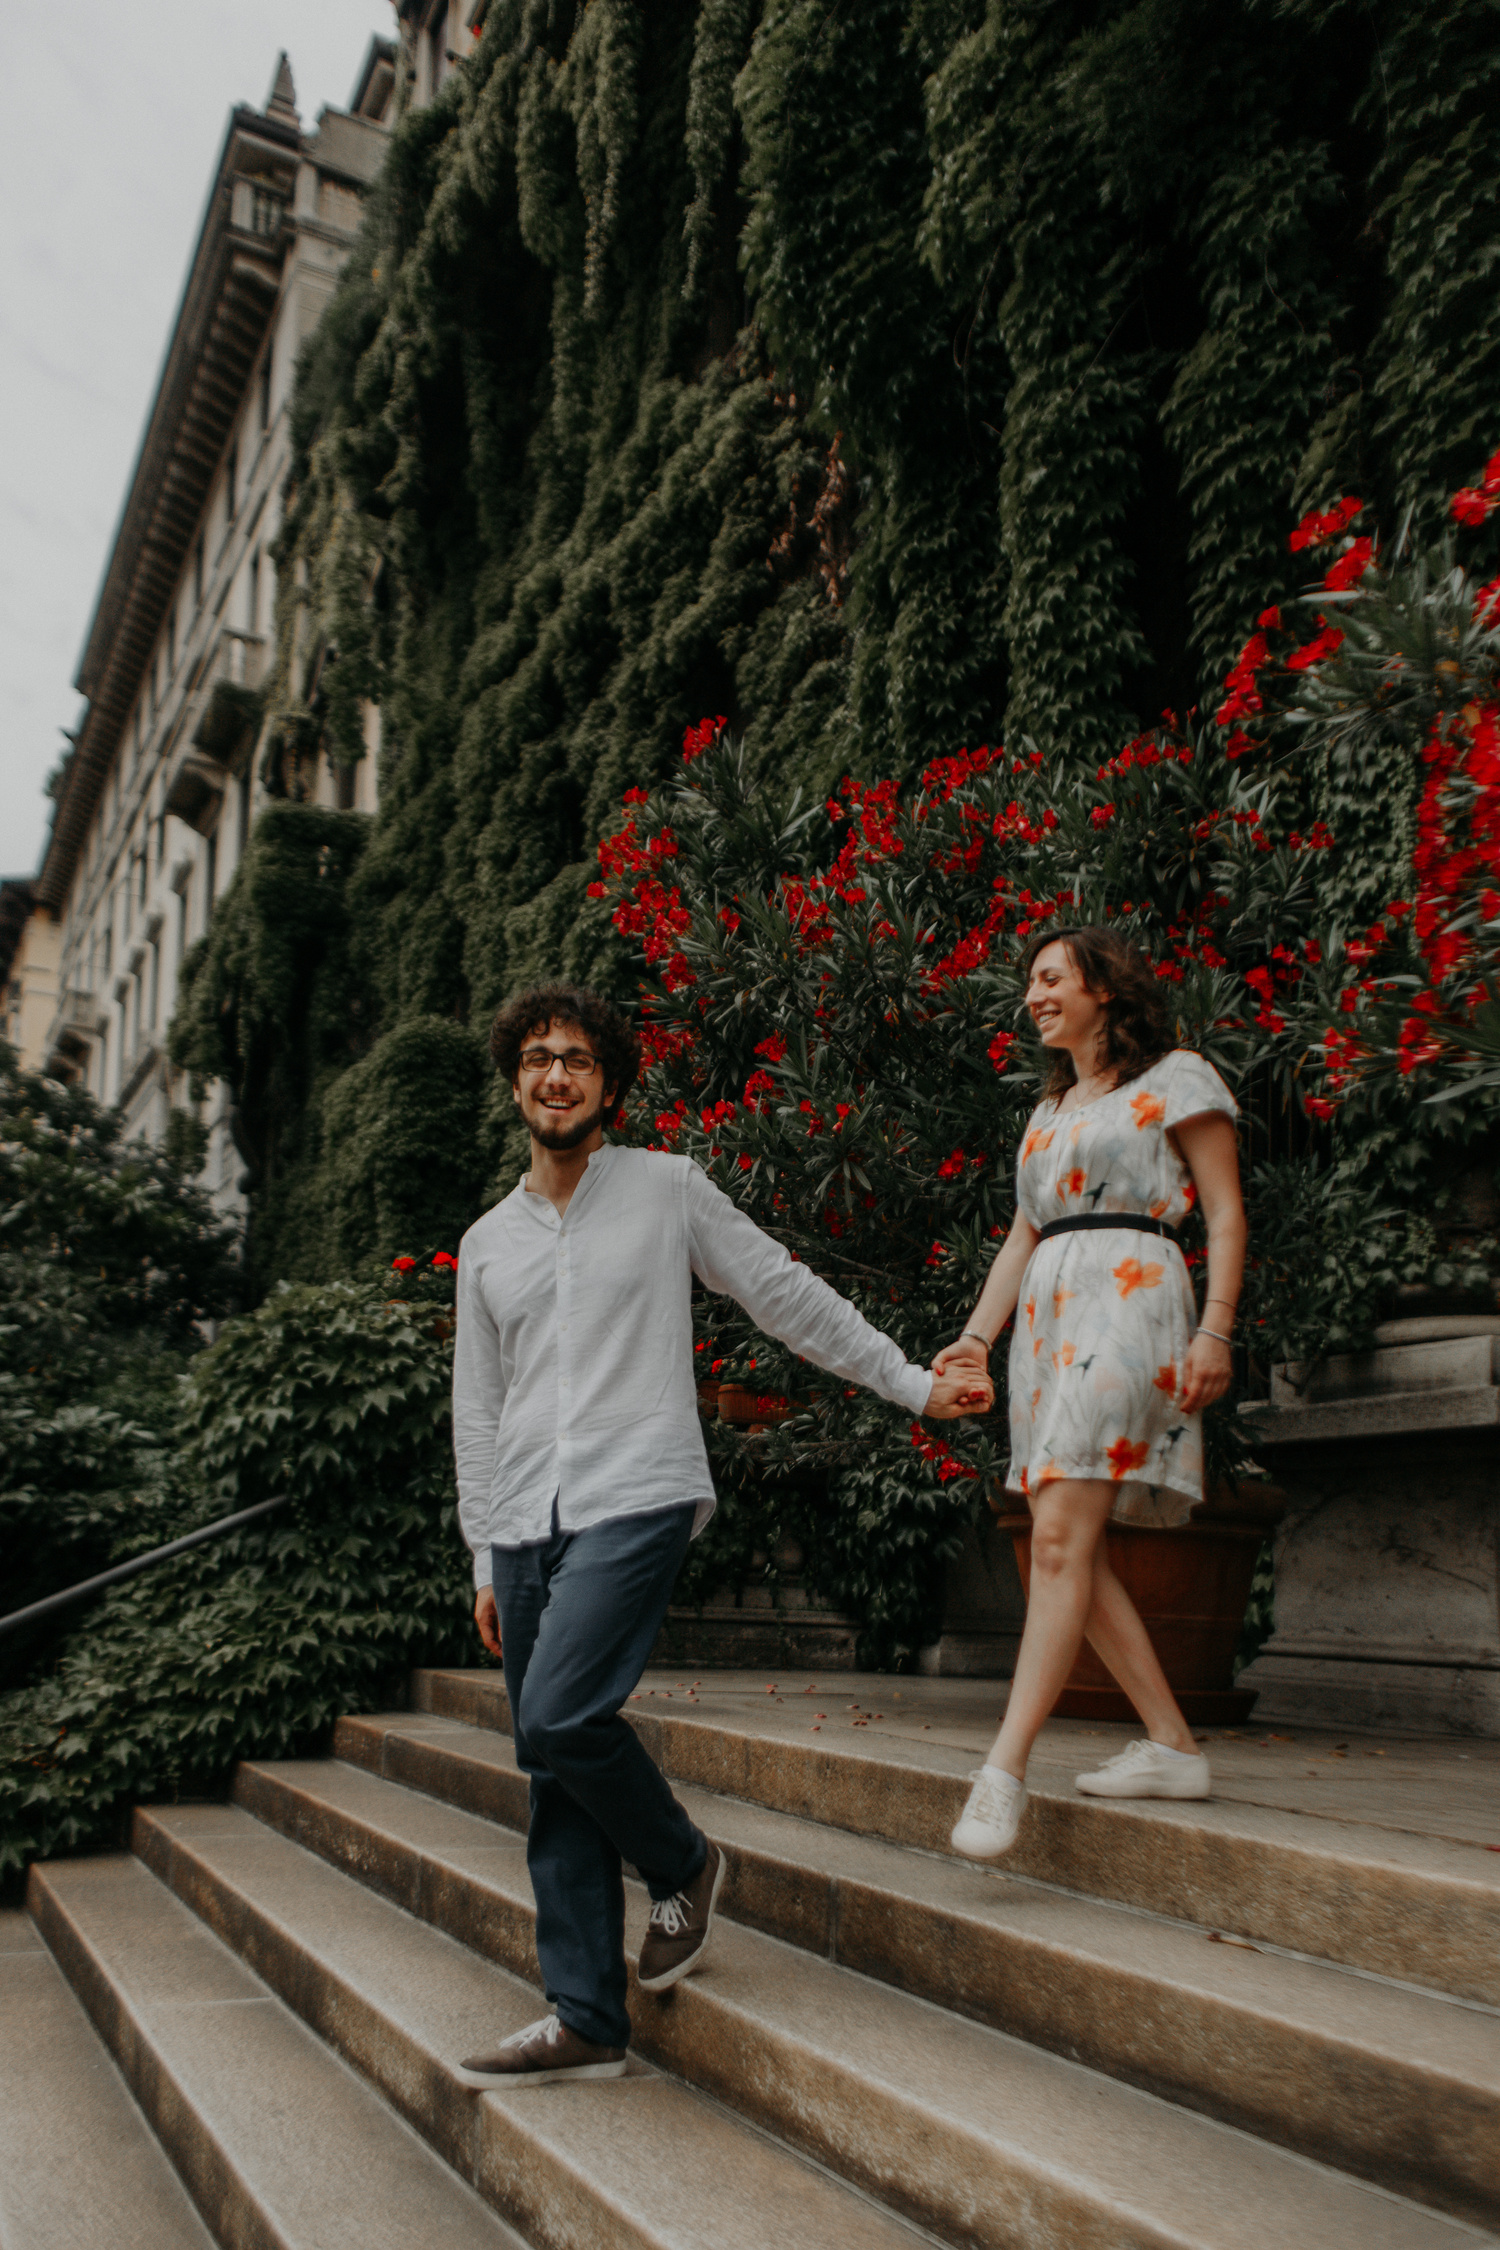 Coppia scende gradini di un palazzo di Milano con oleandri rossi sullo sfondo